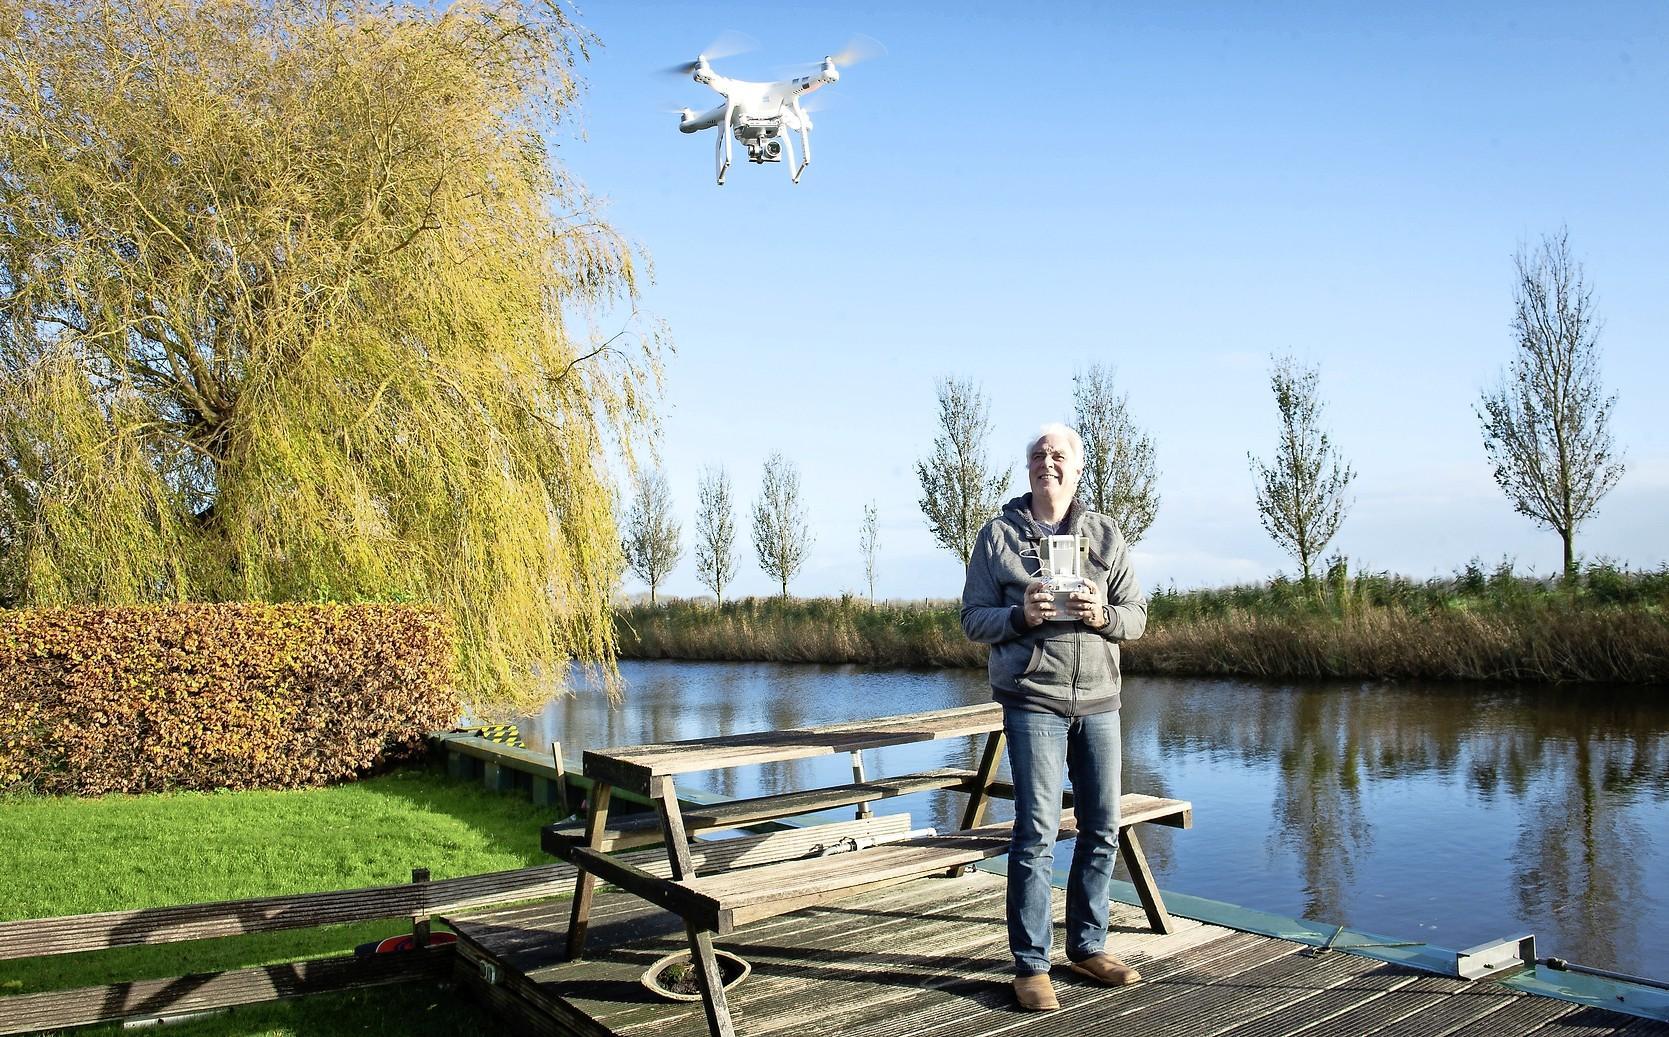 Zwevend boven Zeevang maakt de drone van Frens Mazenier uit Beets luchtopnamen en die zijn zeer gewild; 'Niemand komt herkenbaar in beeld' [video]